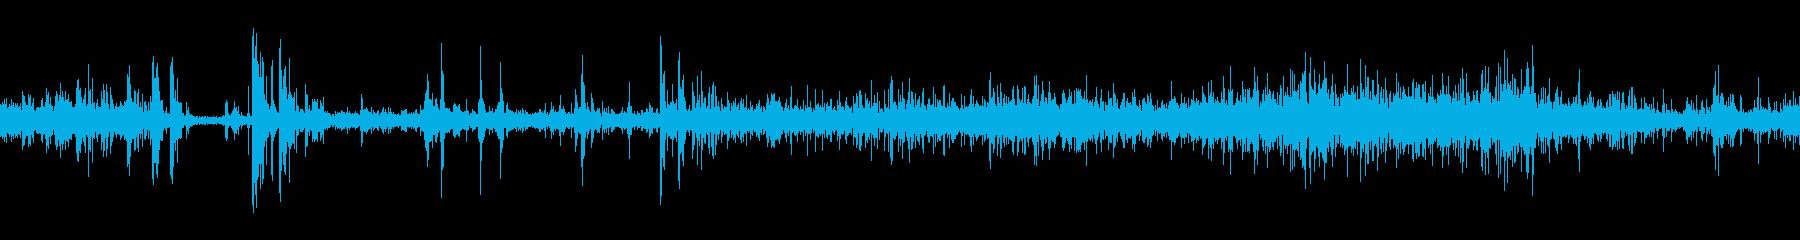 カートショッピングローリングメタルbの再生済みの波形